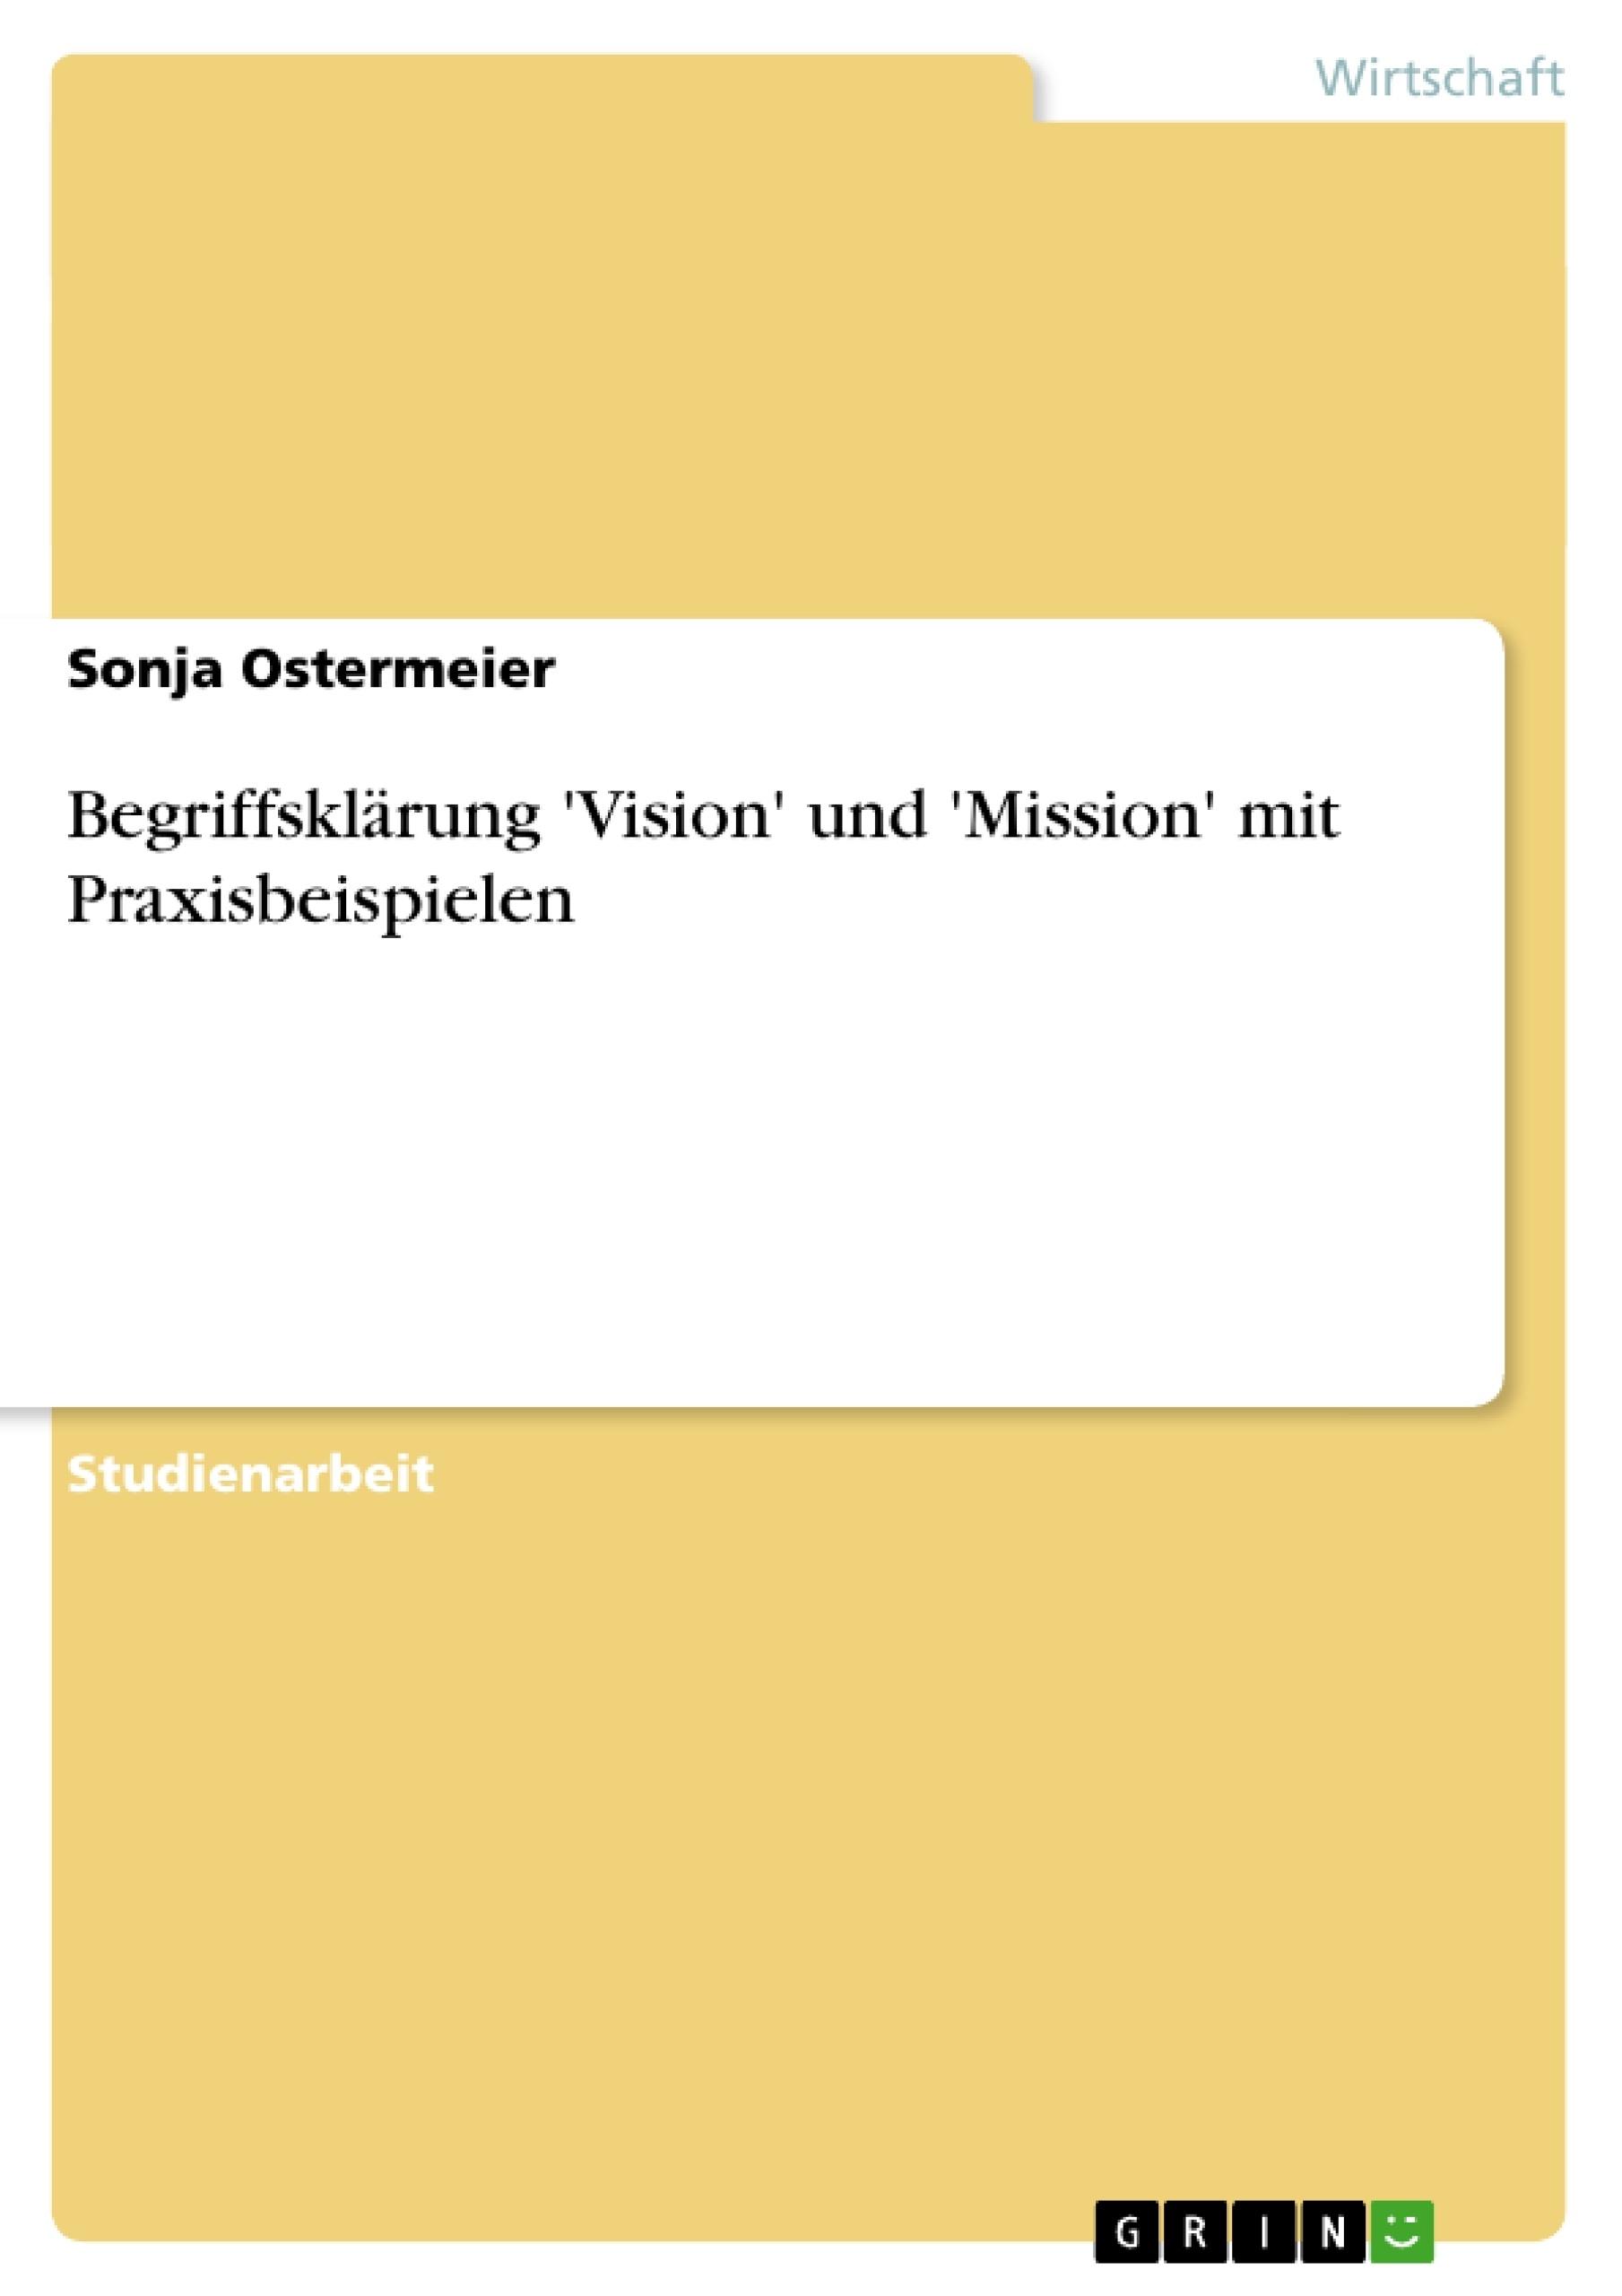 Titel: Begriffsklärung 'Vision' und 'Mission' mit Praxisbeispielen